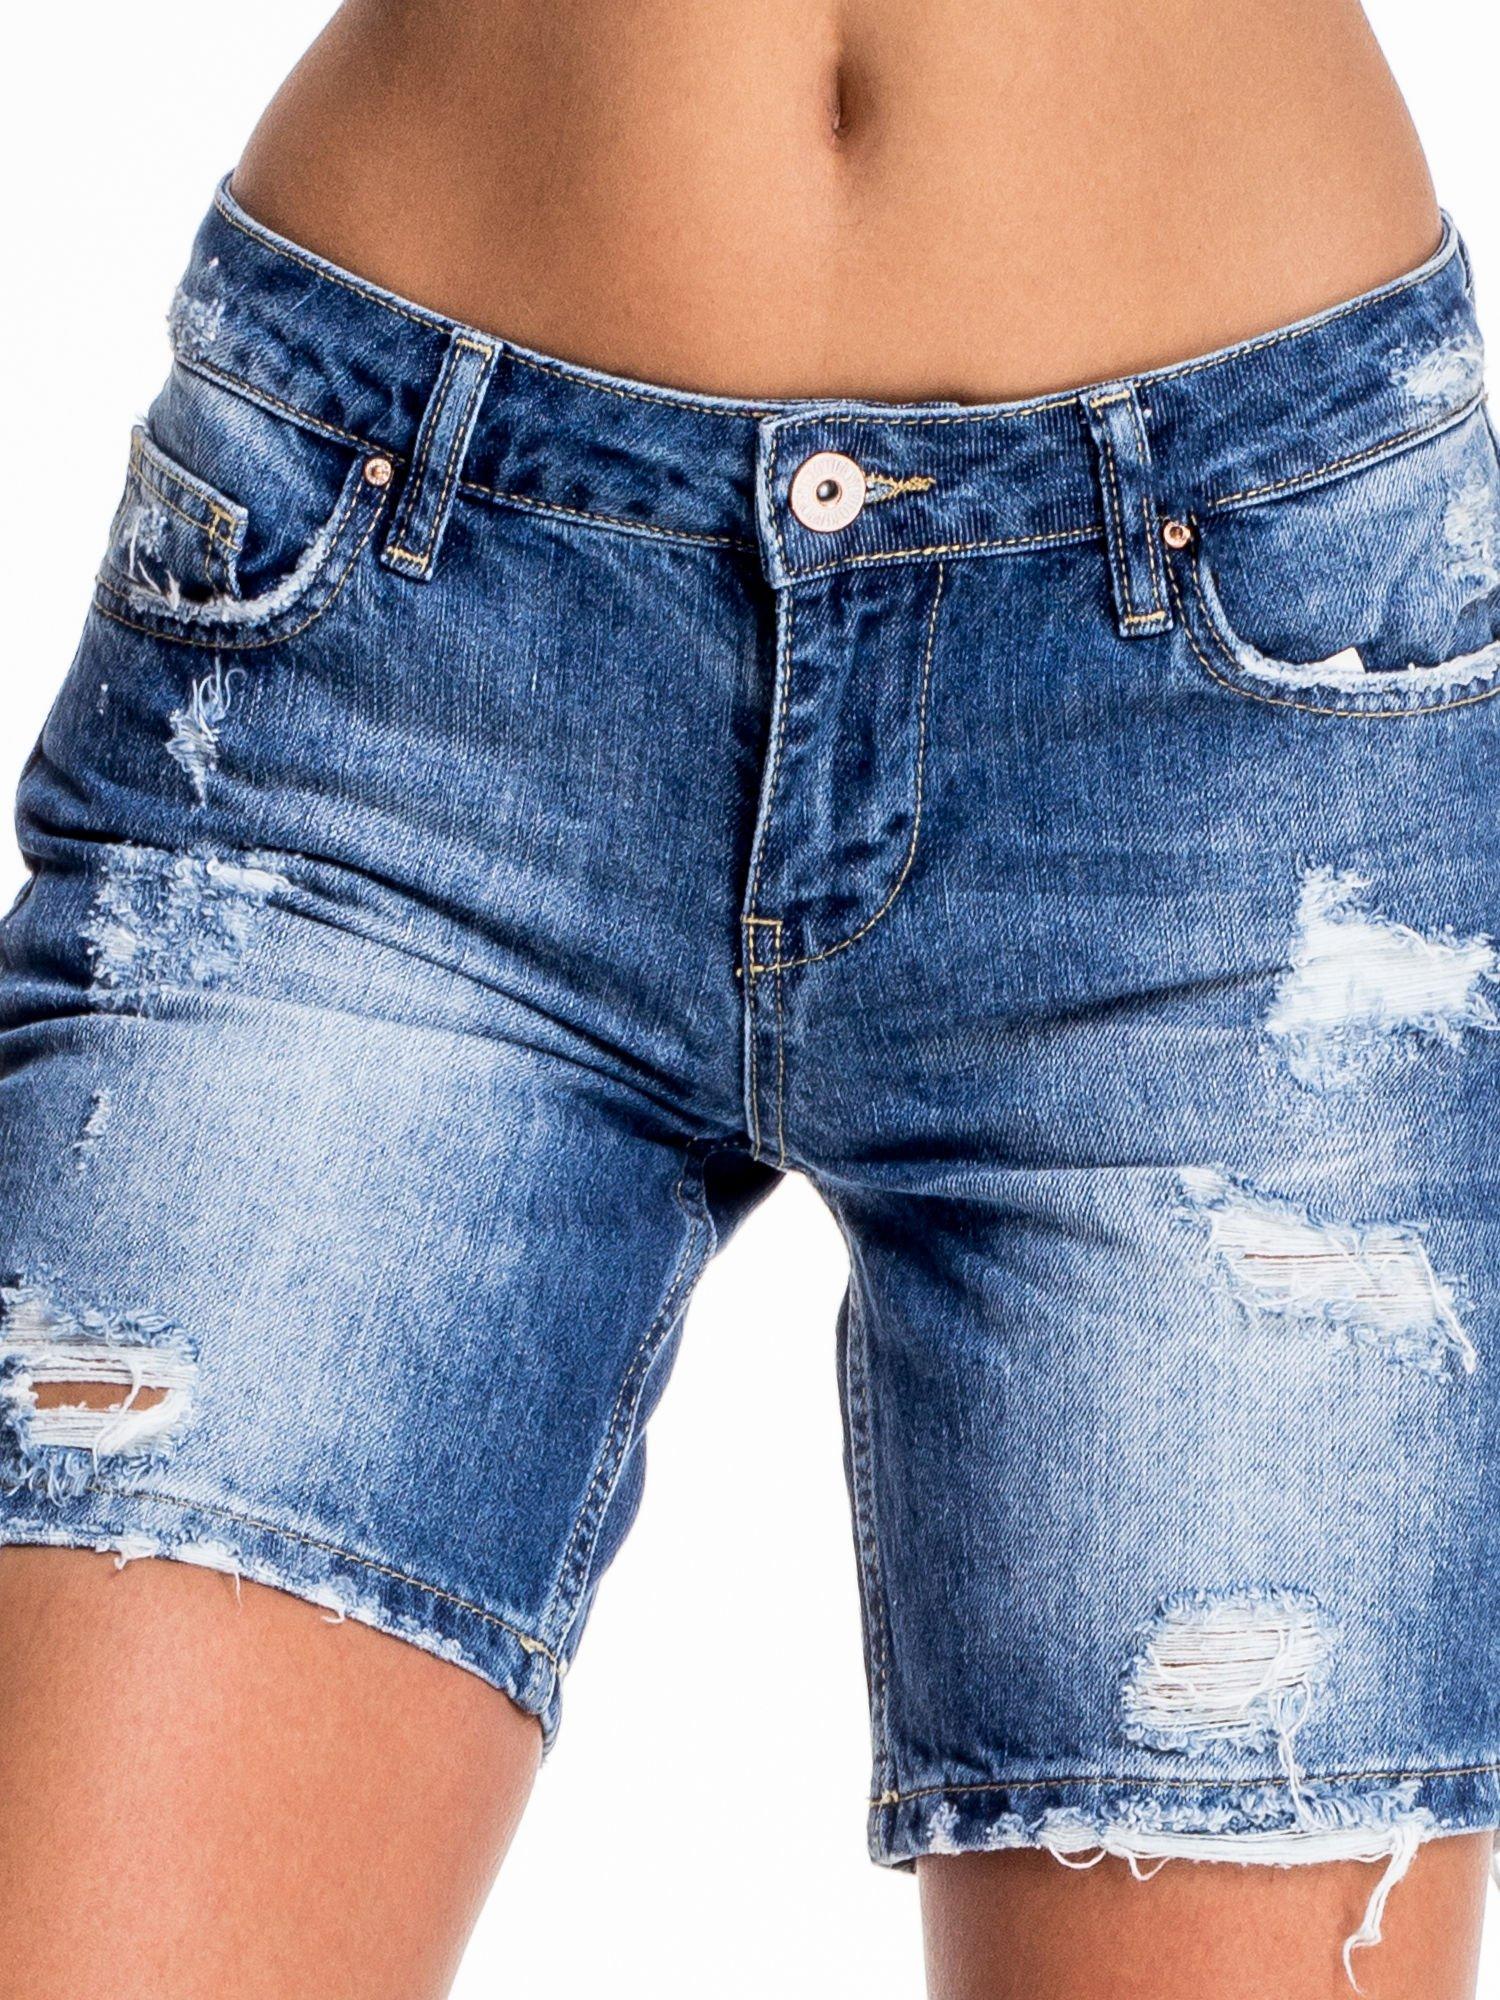 Niebieskie jeansowe szorty z dłuższą nogawką i przetarciami                                  zdj.                                  1